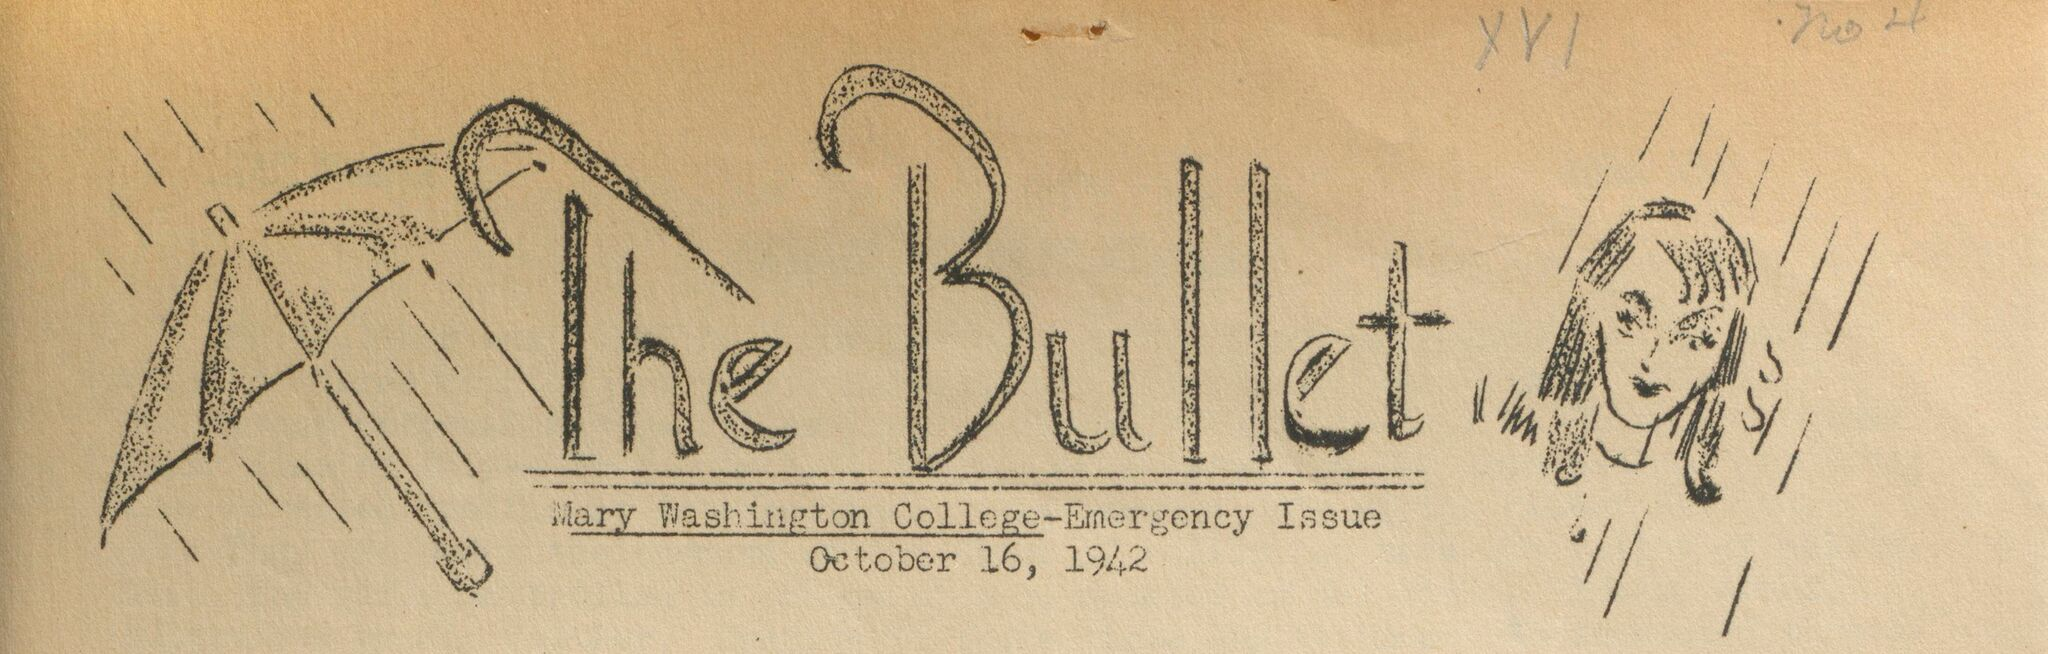 Masthead, The Bullet, October 16. 1942